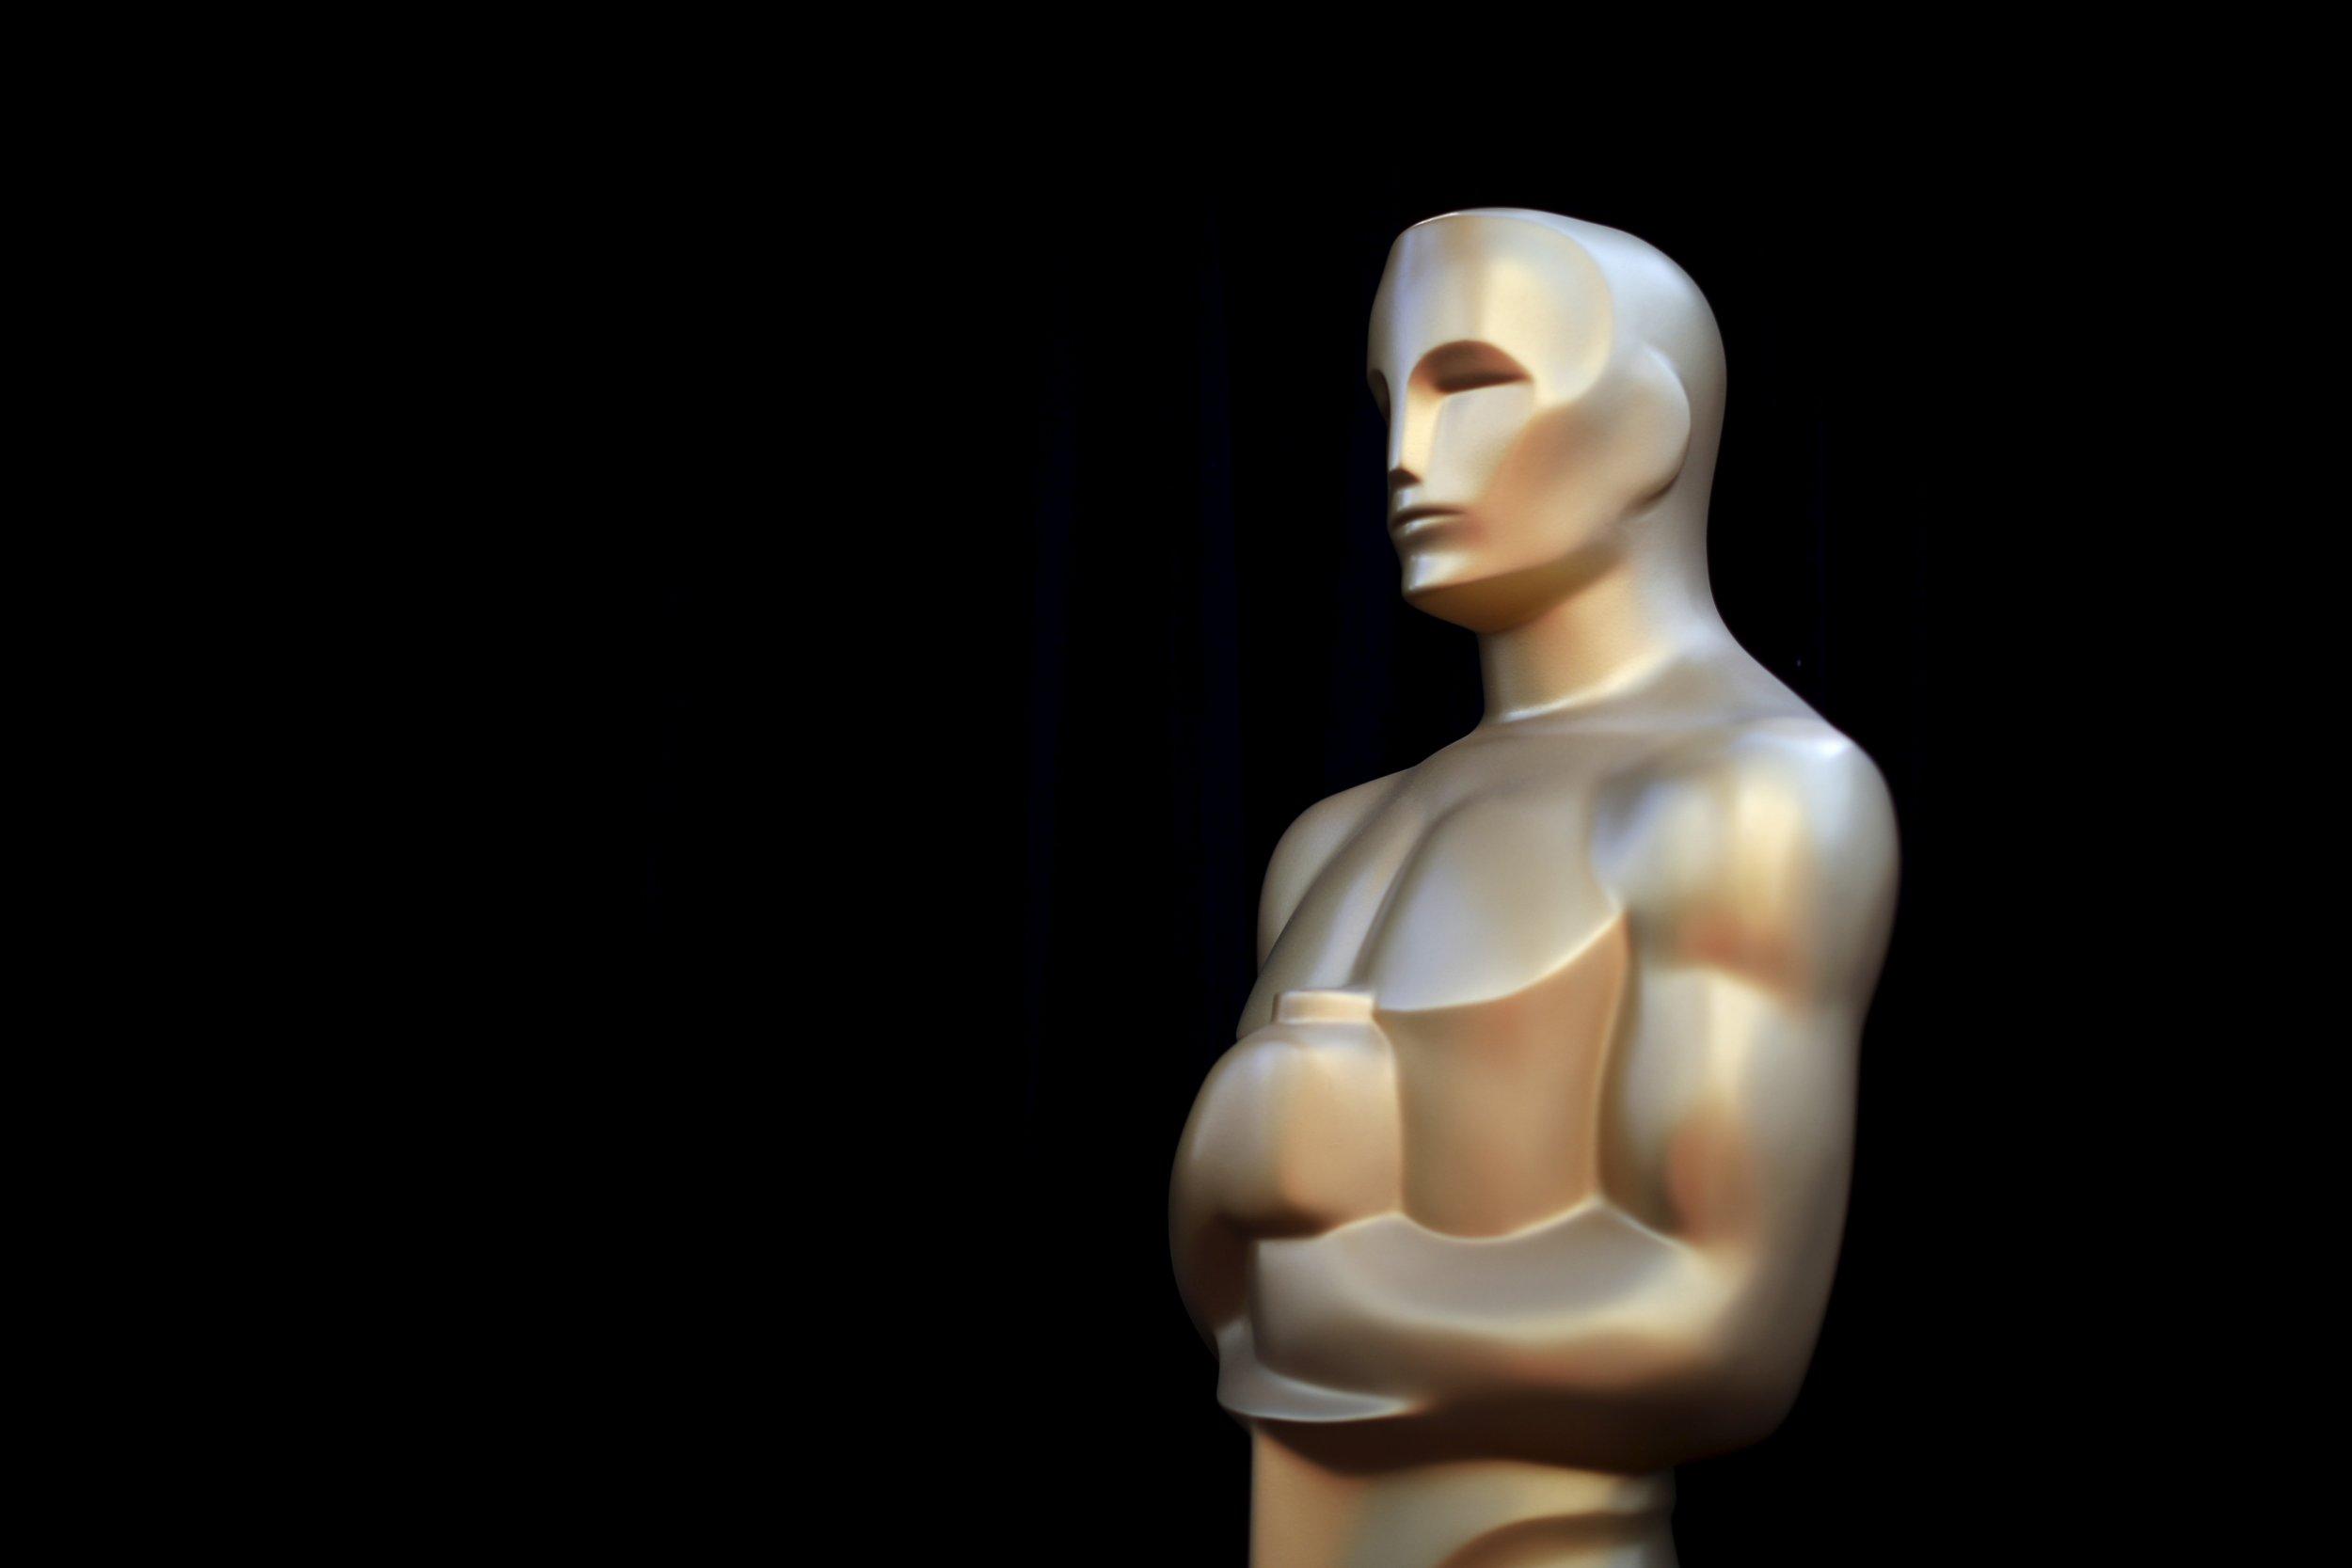 2-9-17 Oscar statue